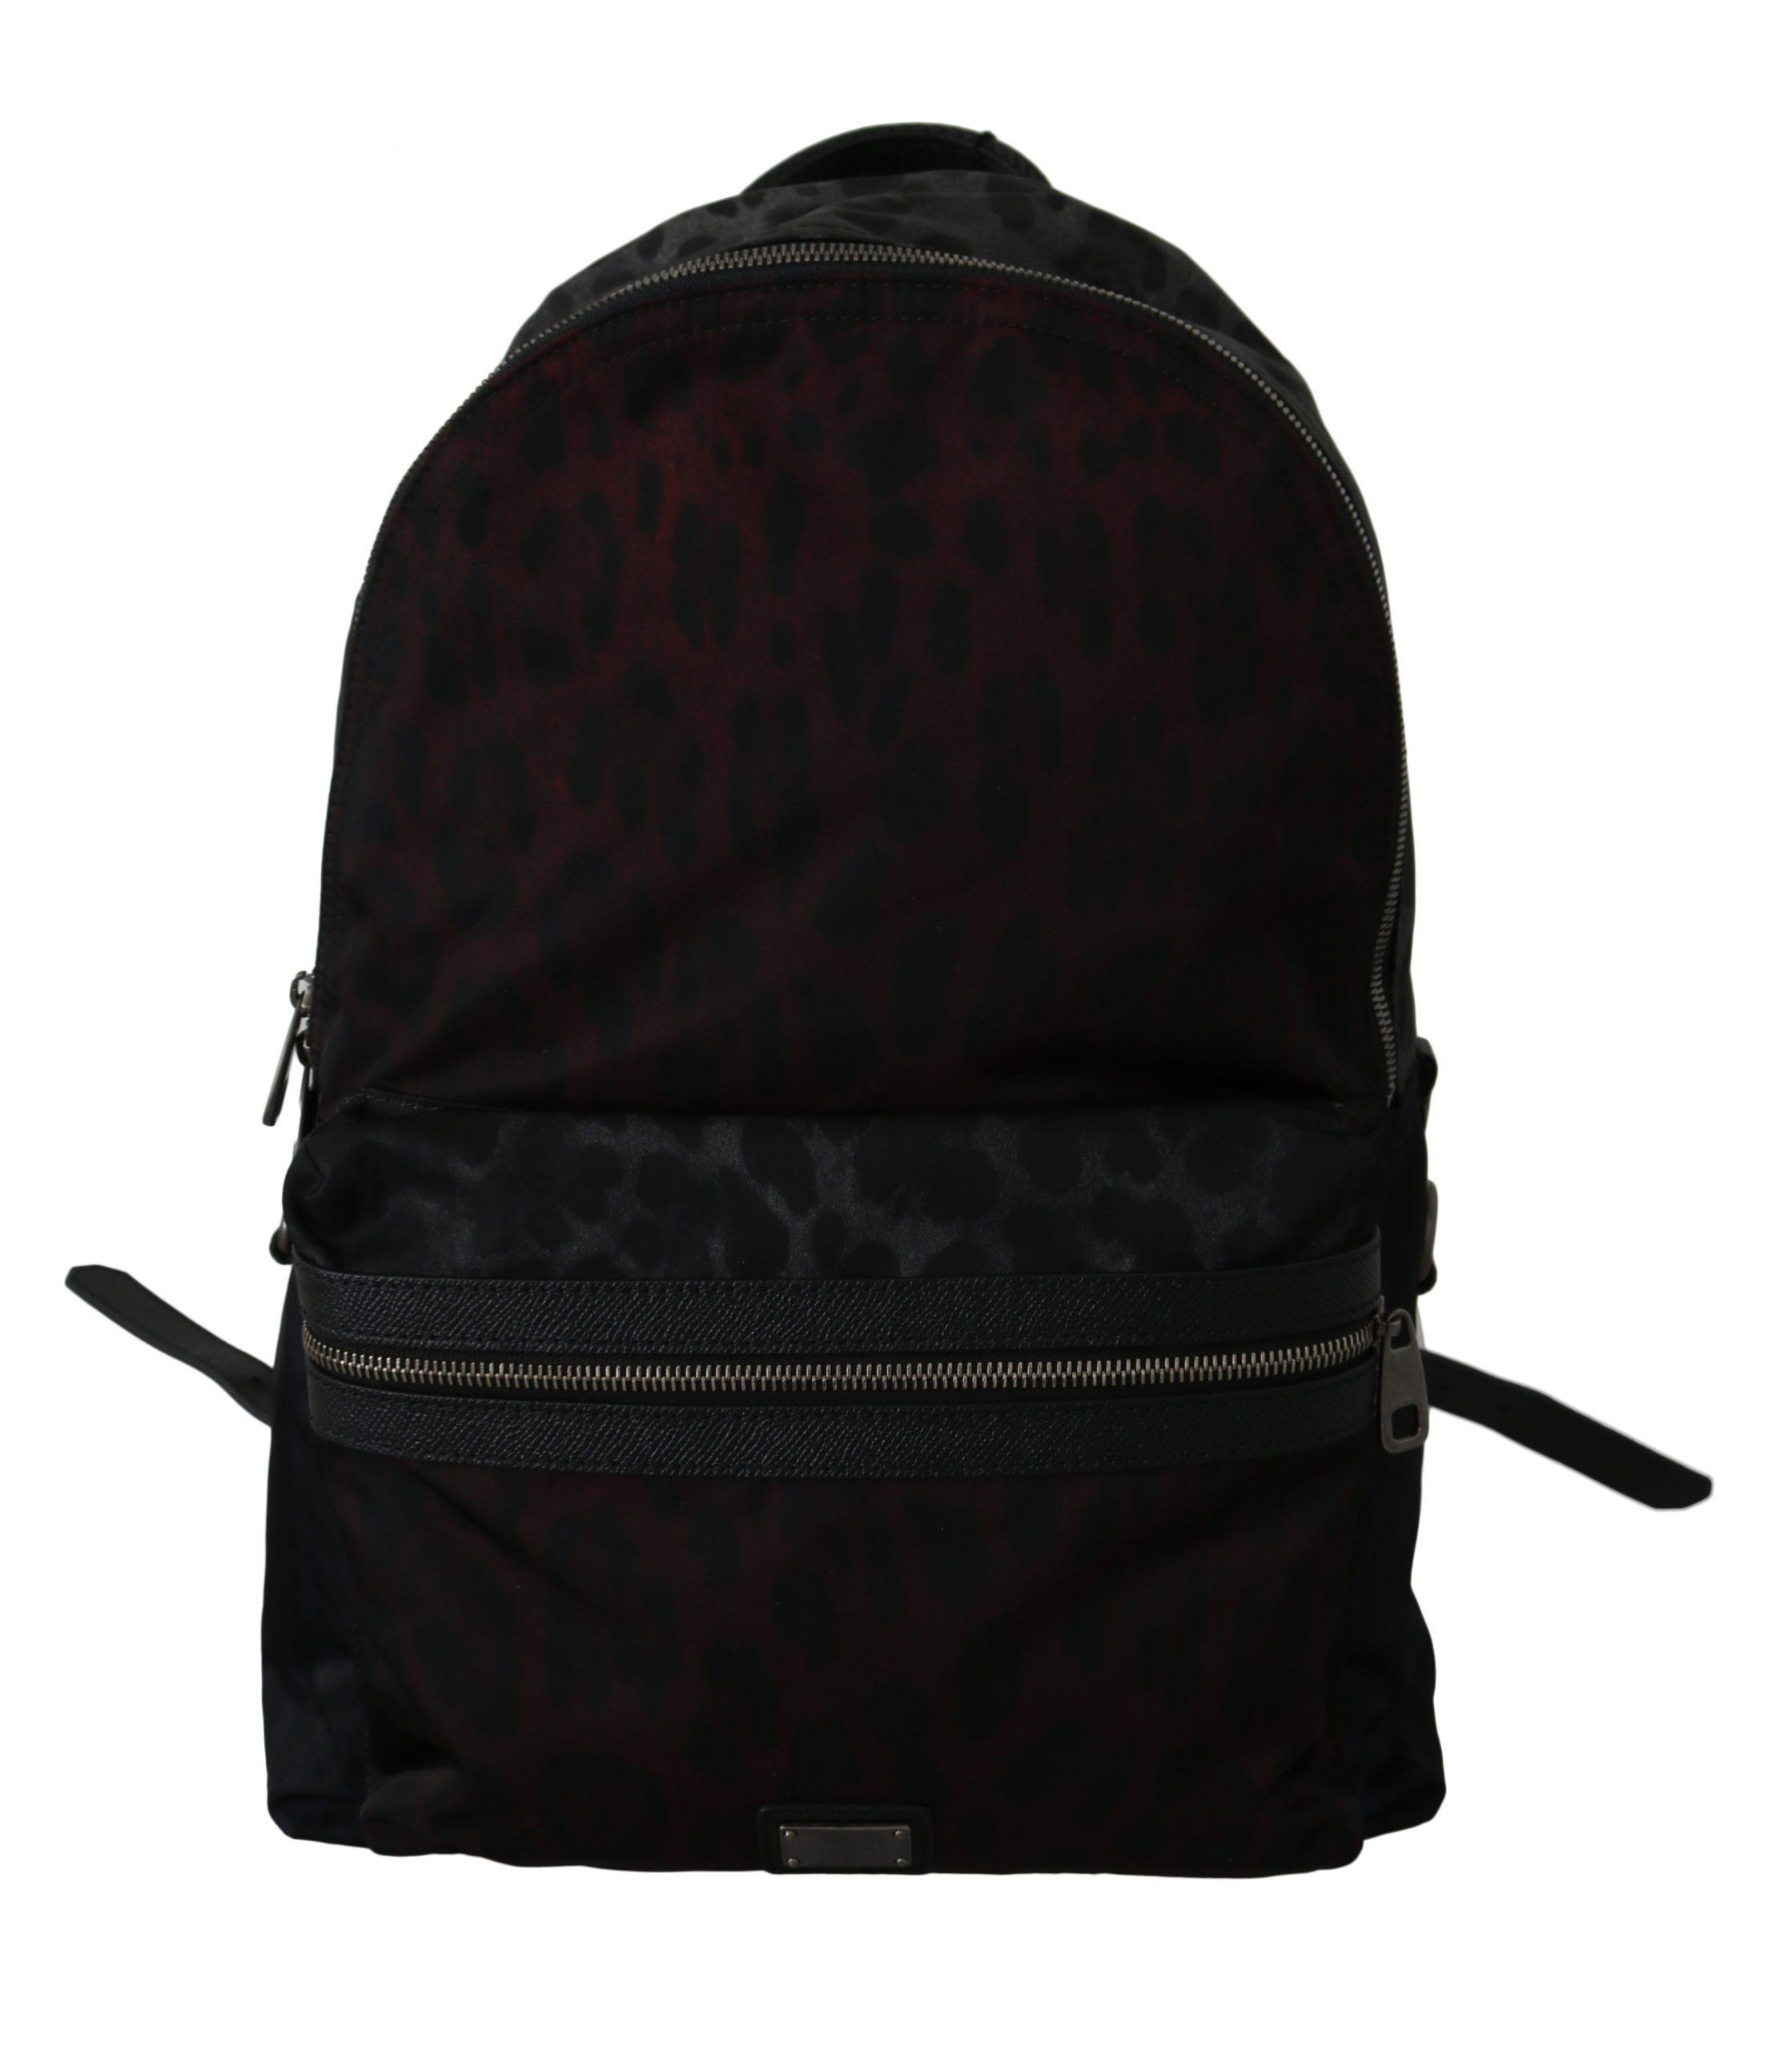 Dolce & Gabbana Men's Leopard School Nylon Backpack Black VAS8718